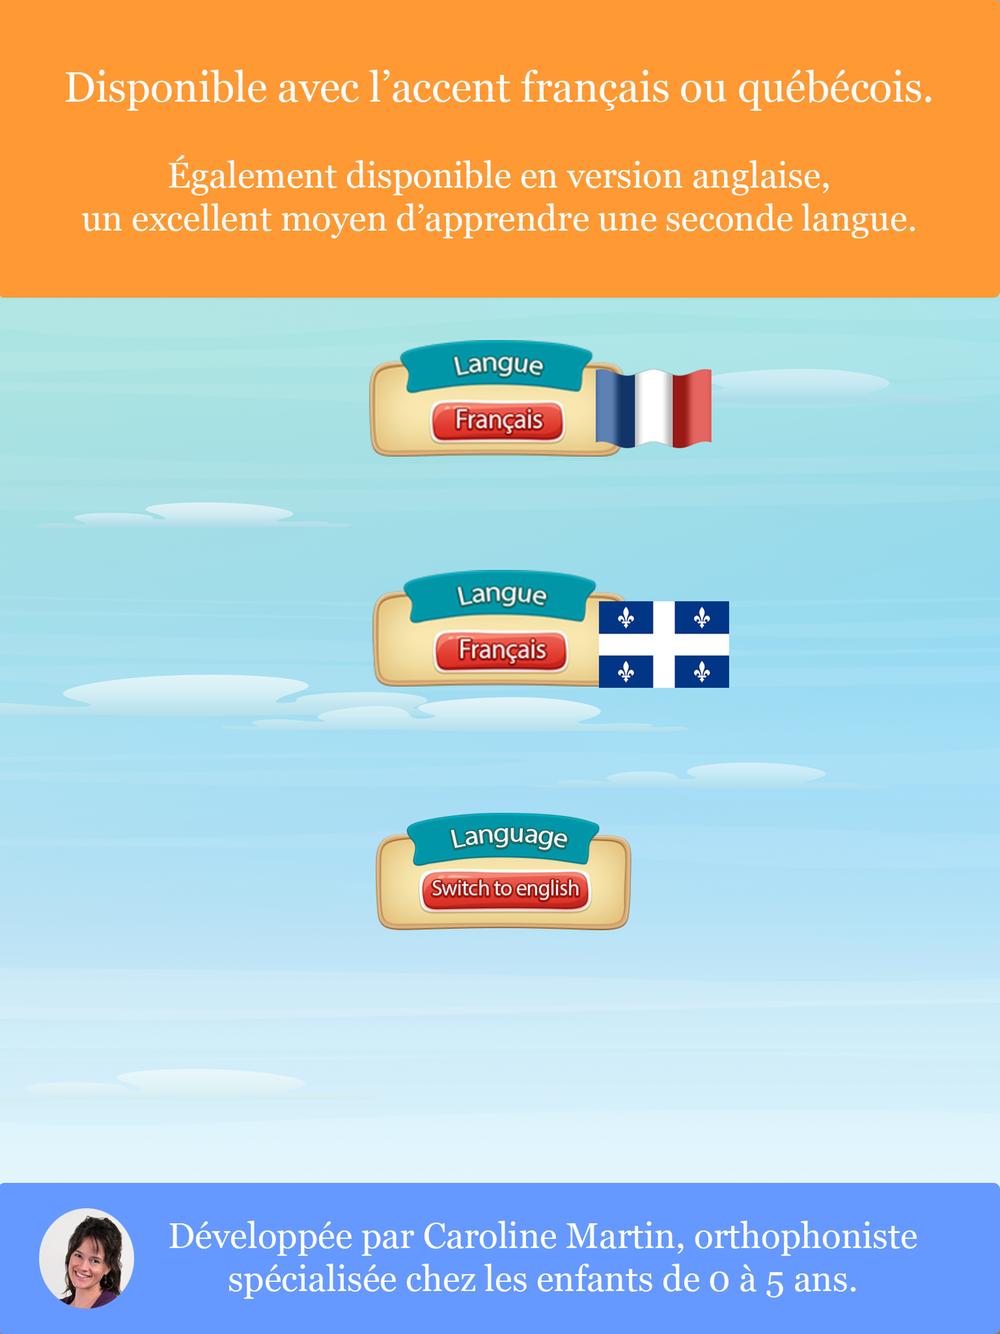 app asl-lsf